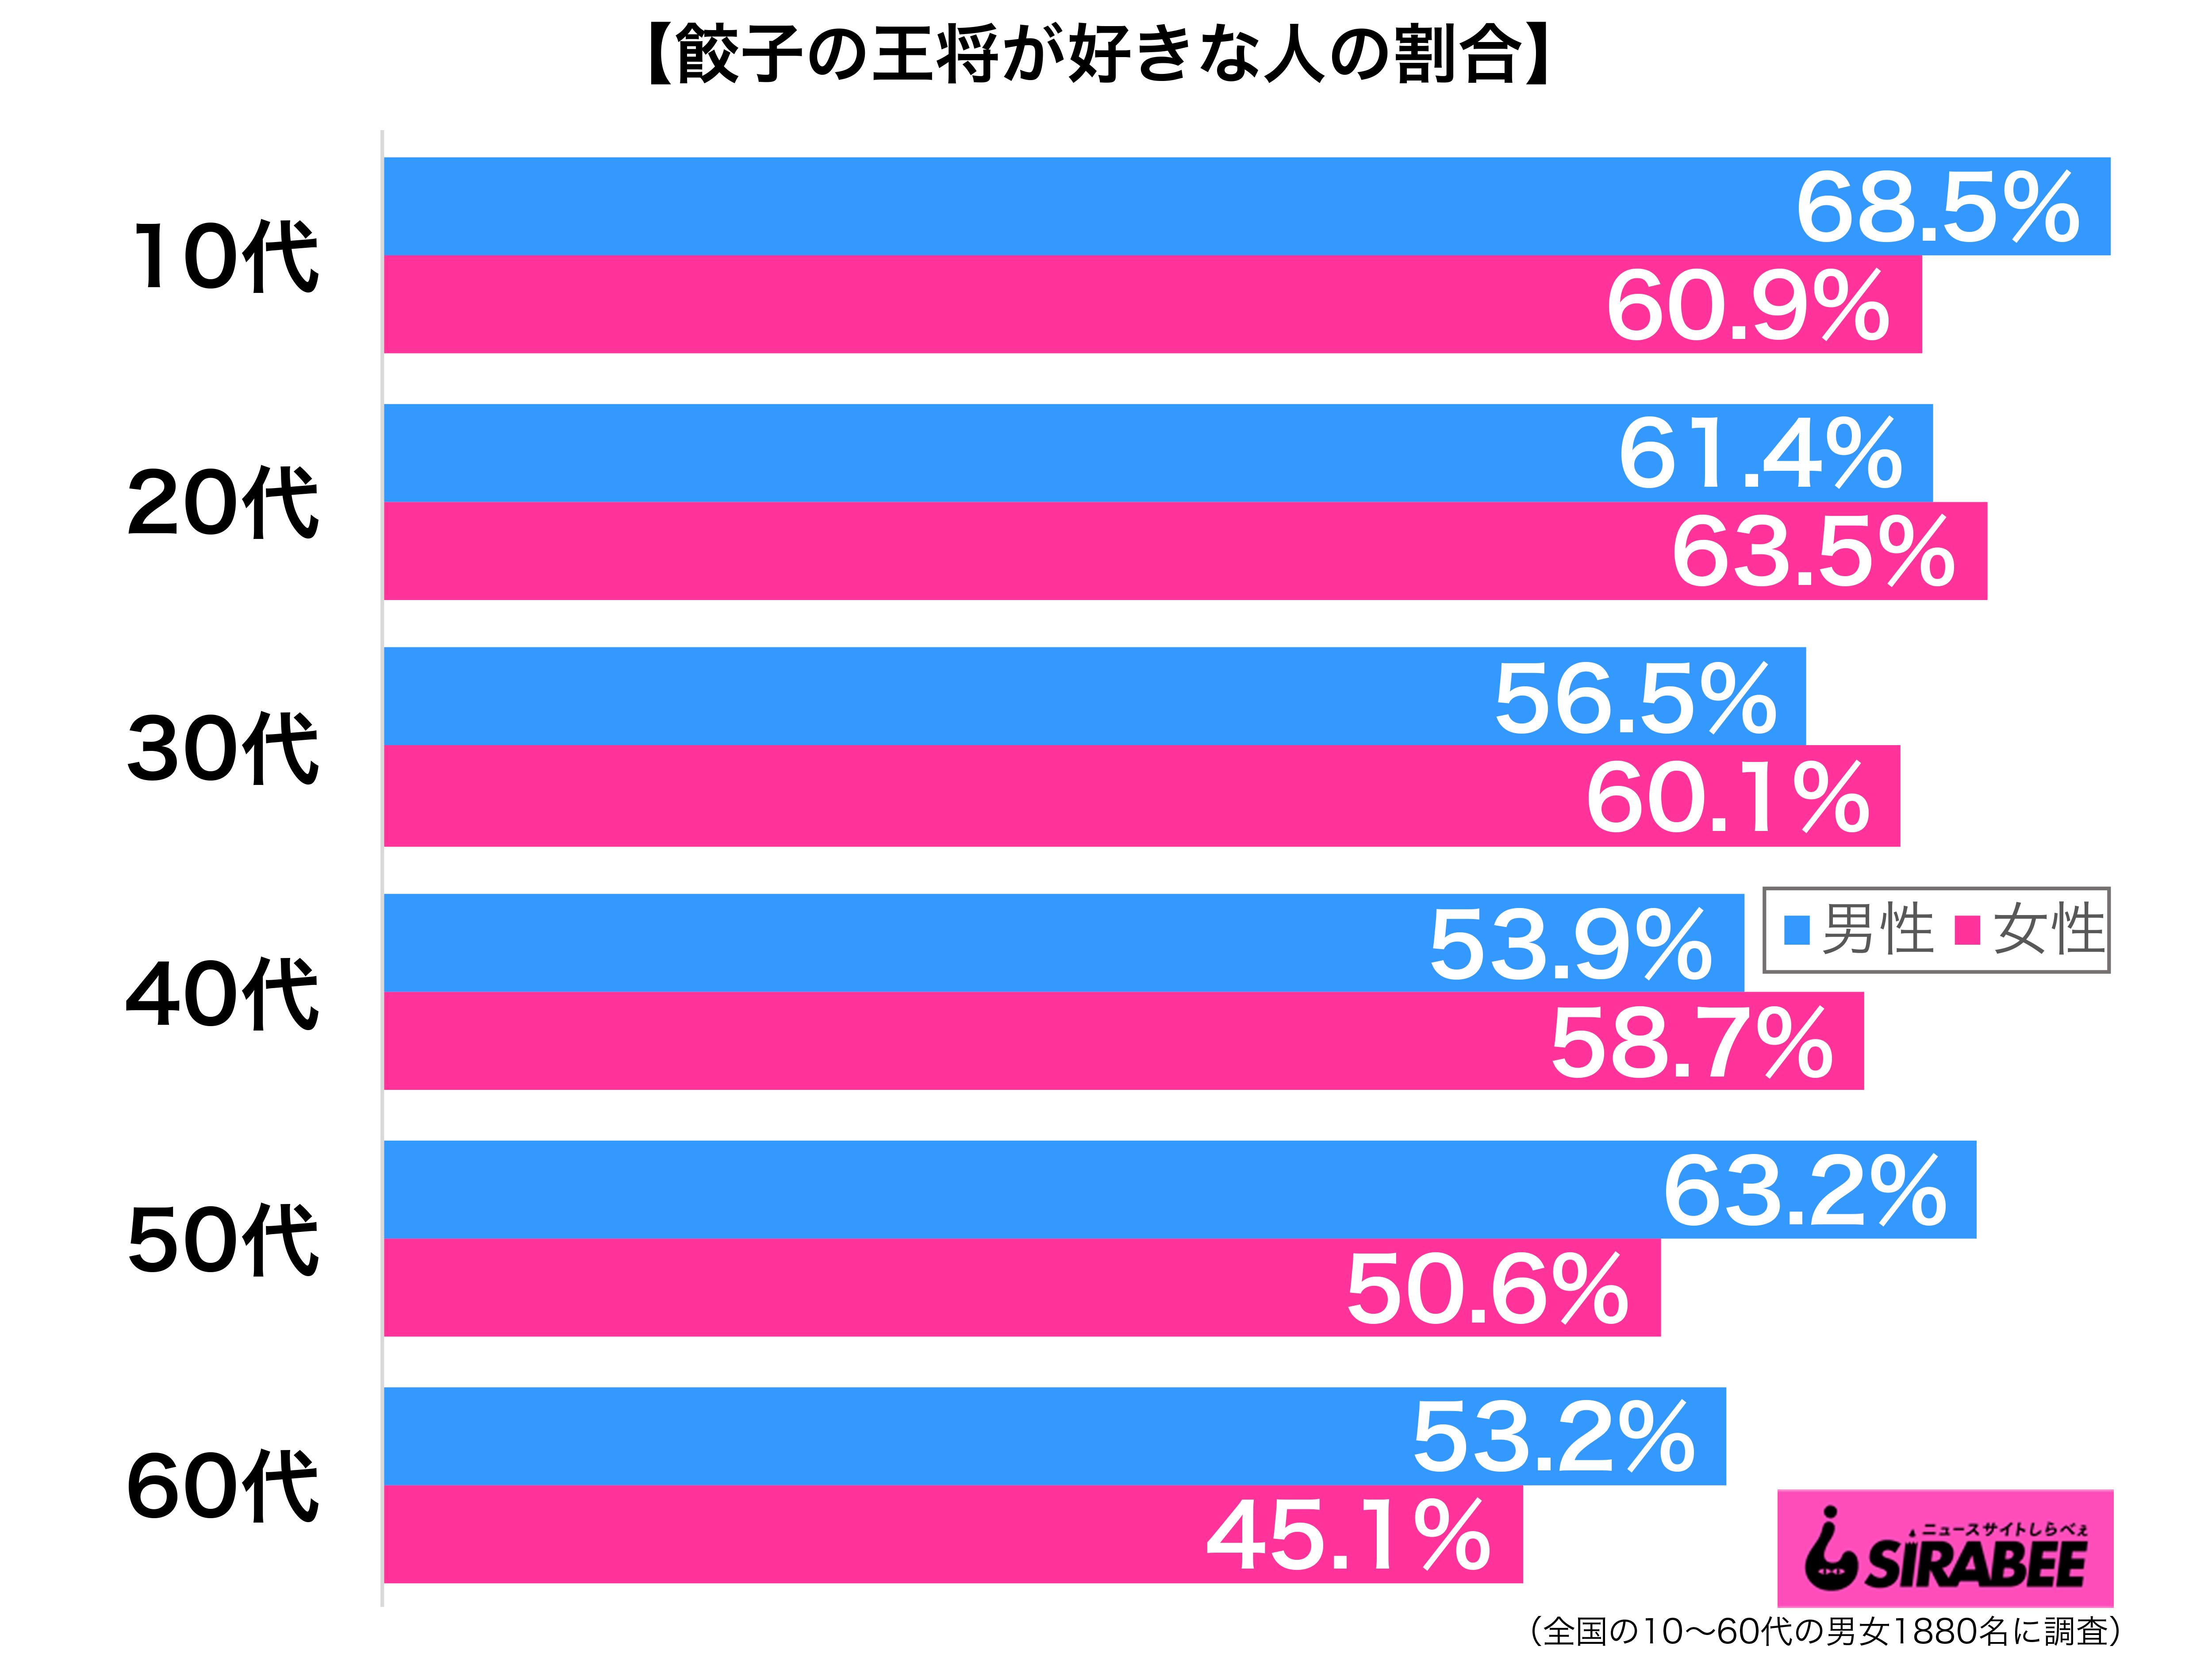 餃子の王将が好き性年代別グラフ